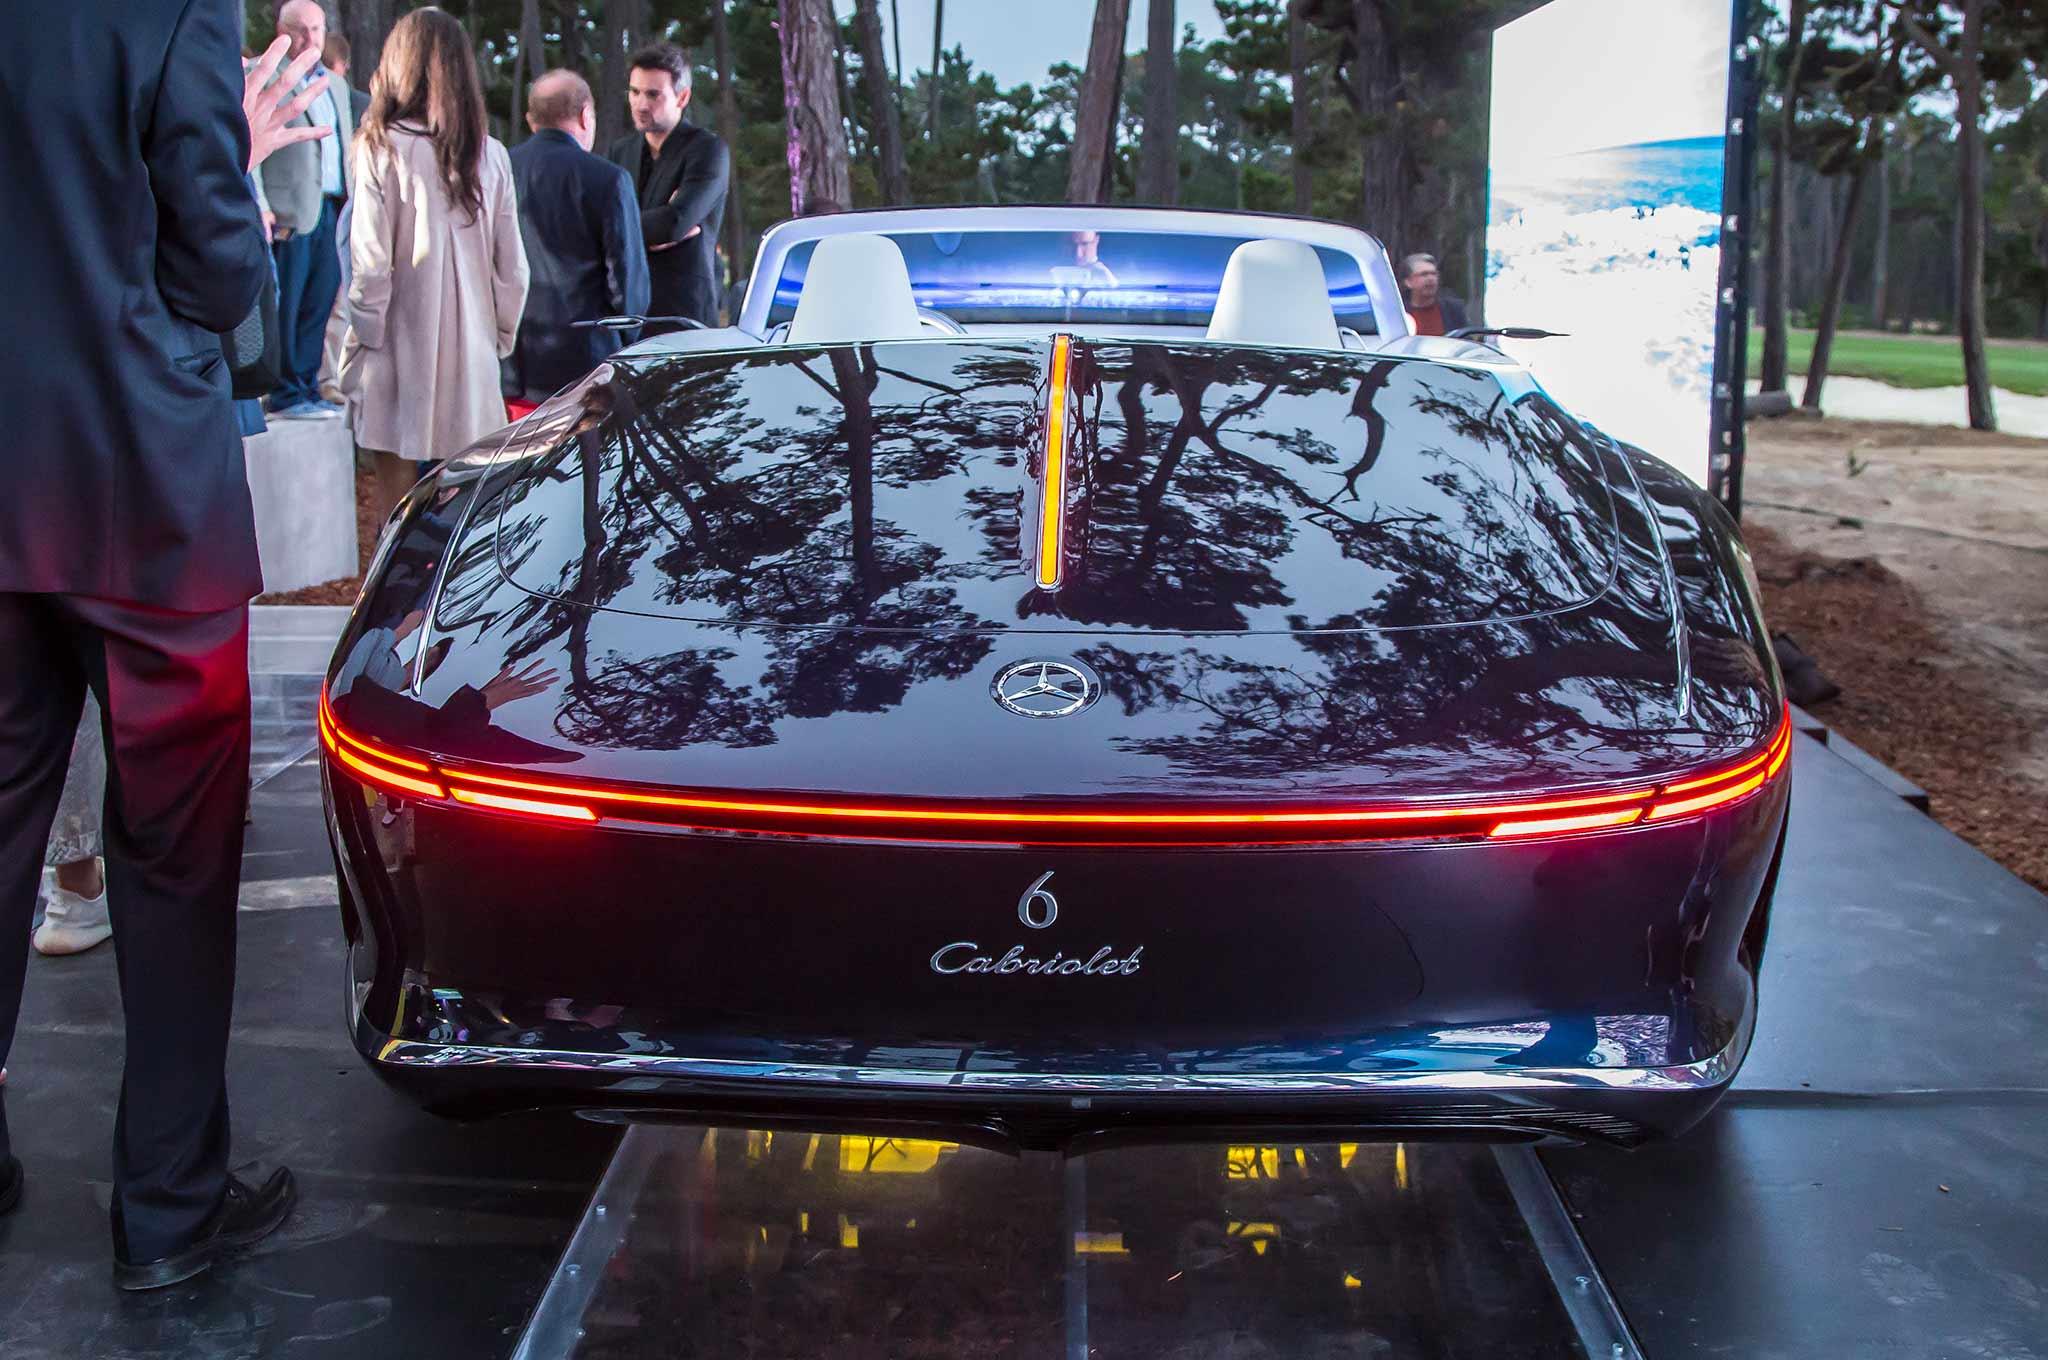 Chiêm ngưỡng vẻ đẹp xuất sắc của Vision Mercedes-Maybach 6 Cabriolet ngoài đời thực - Ảnh 14.